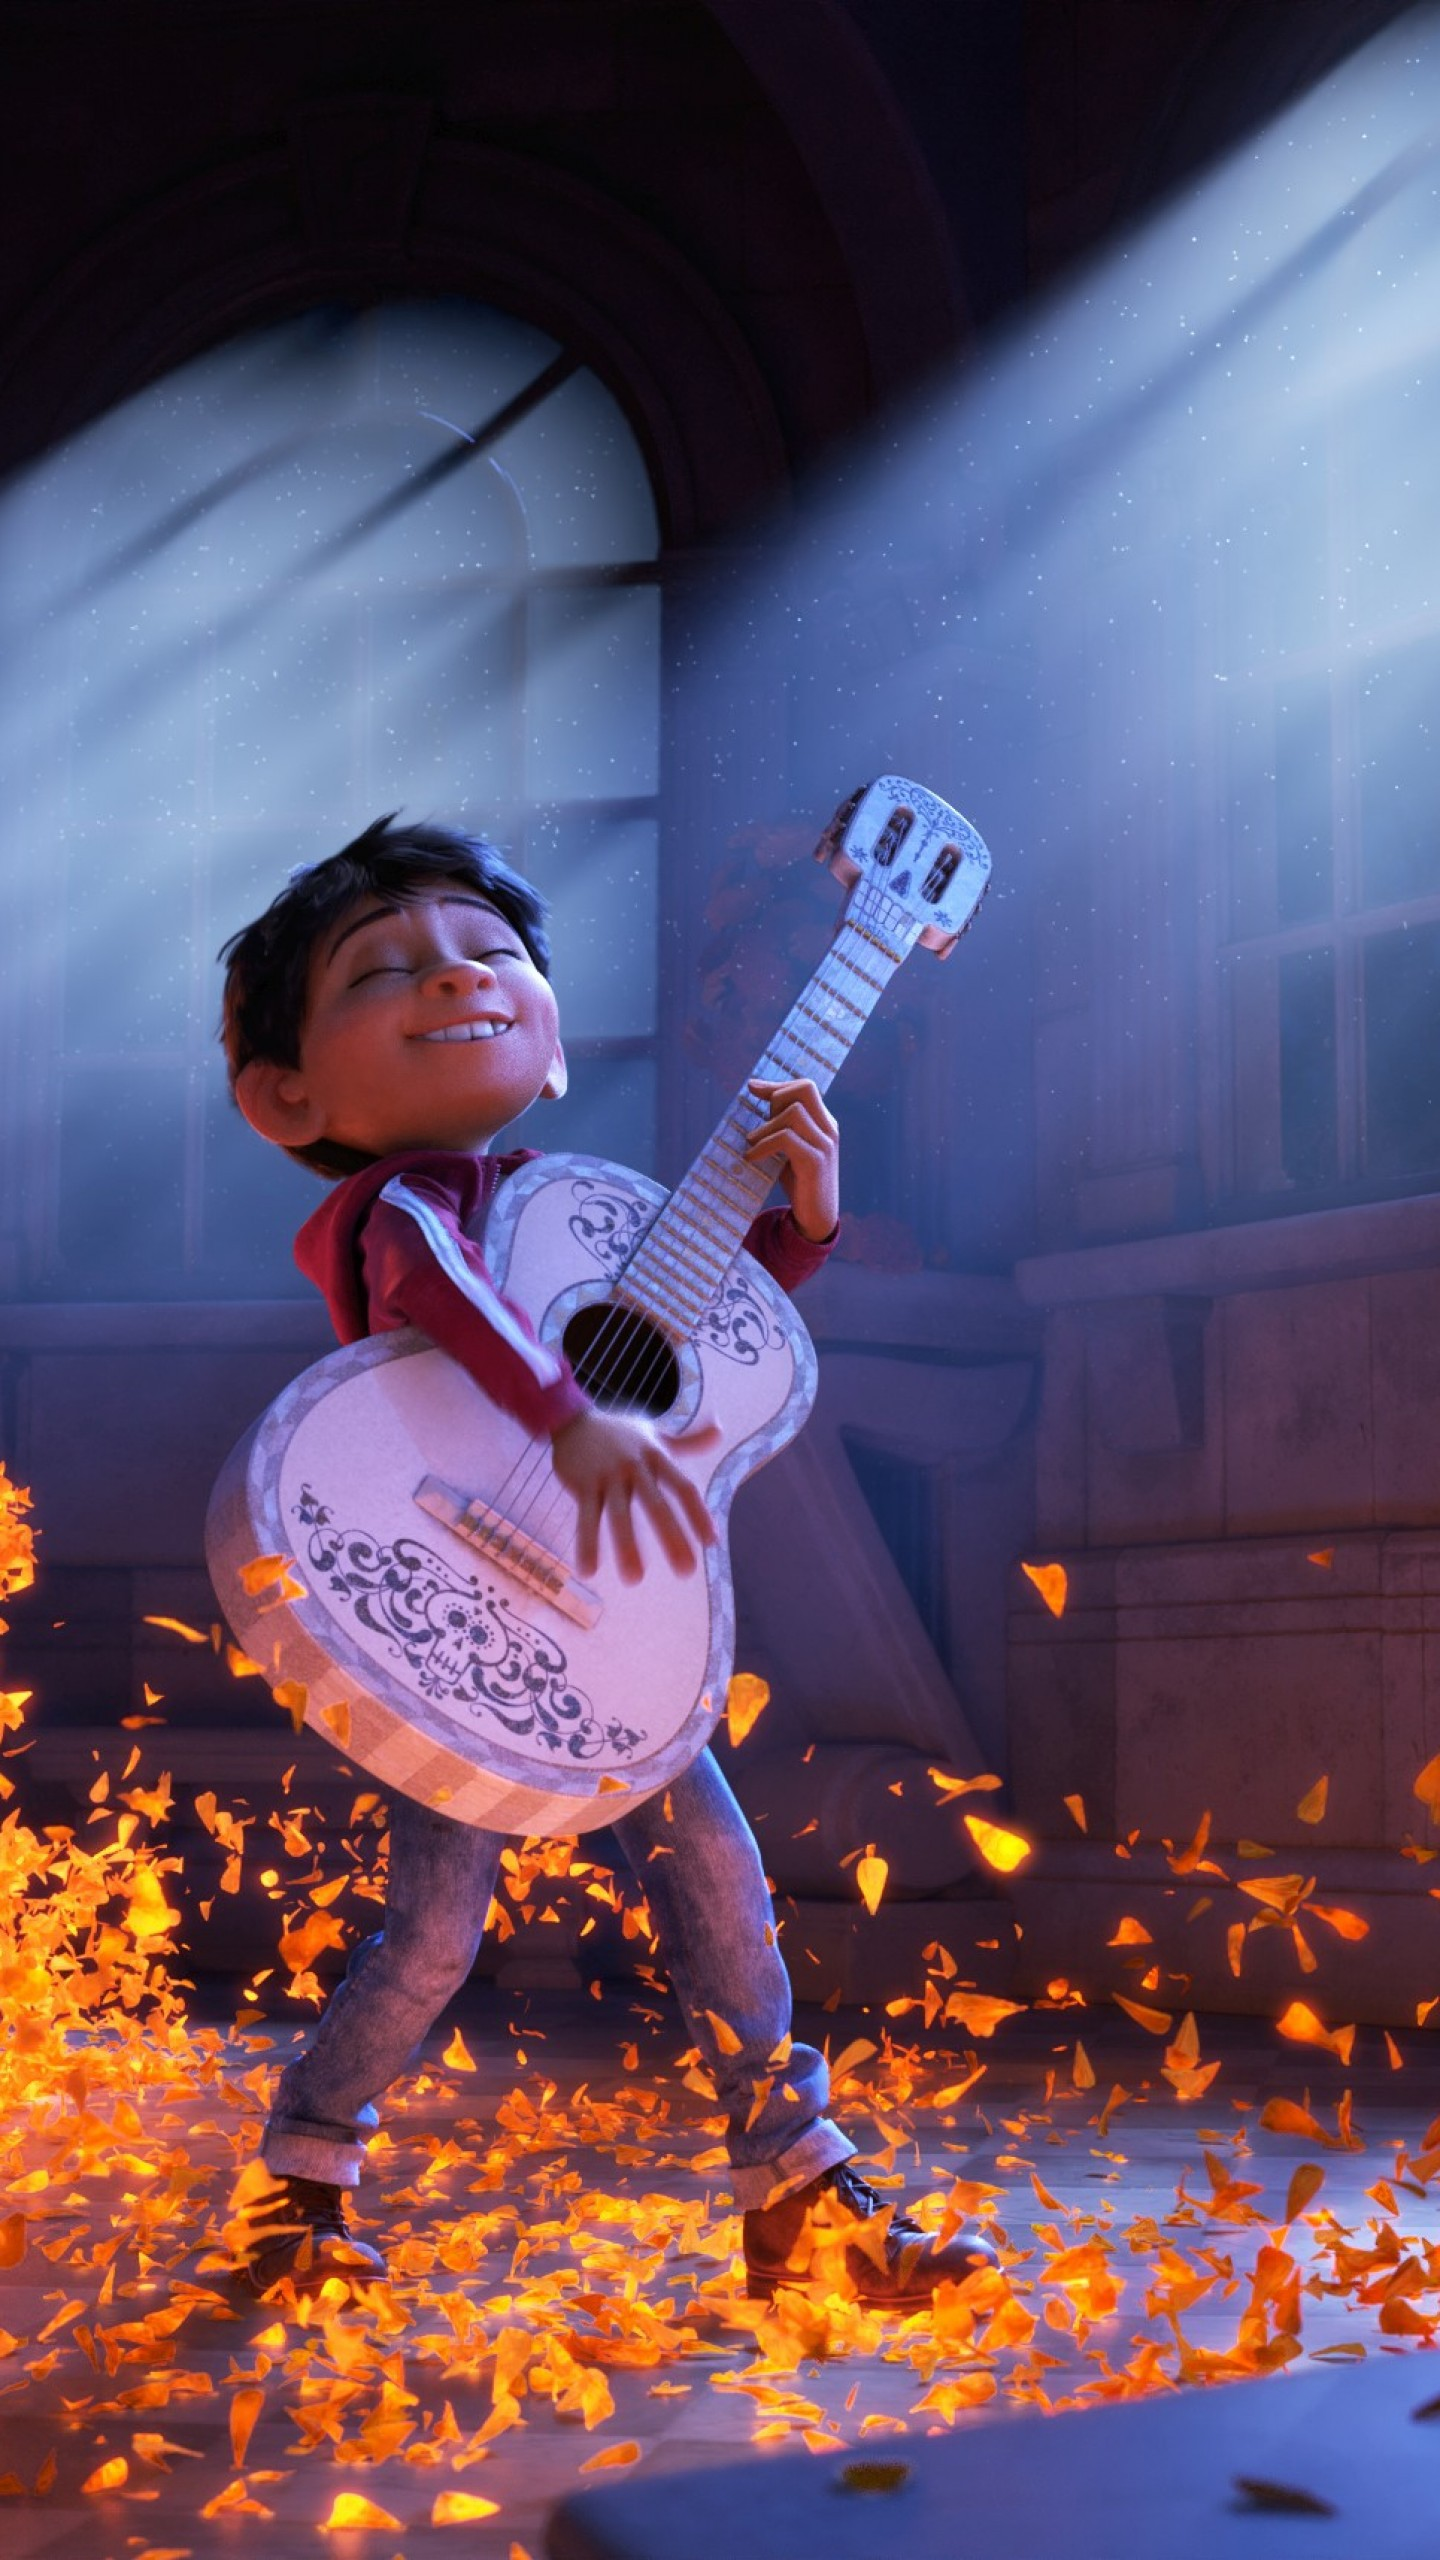 عکس زمینه گیتار زدن در انیمیشن کوکو پس زمینه